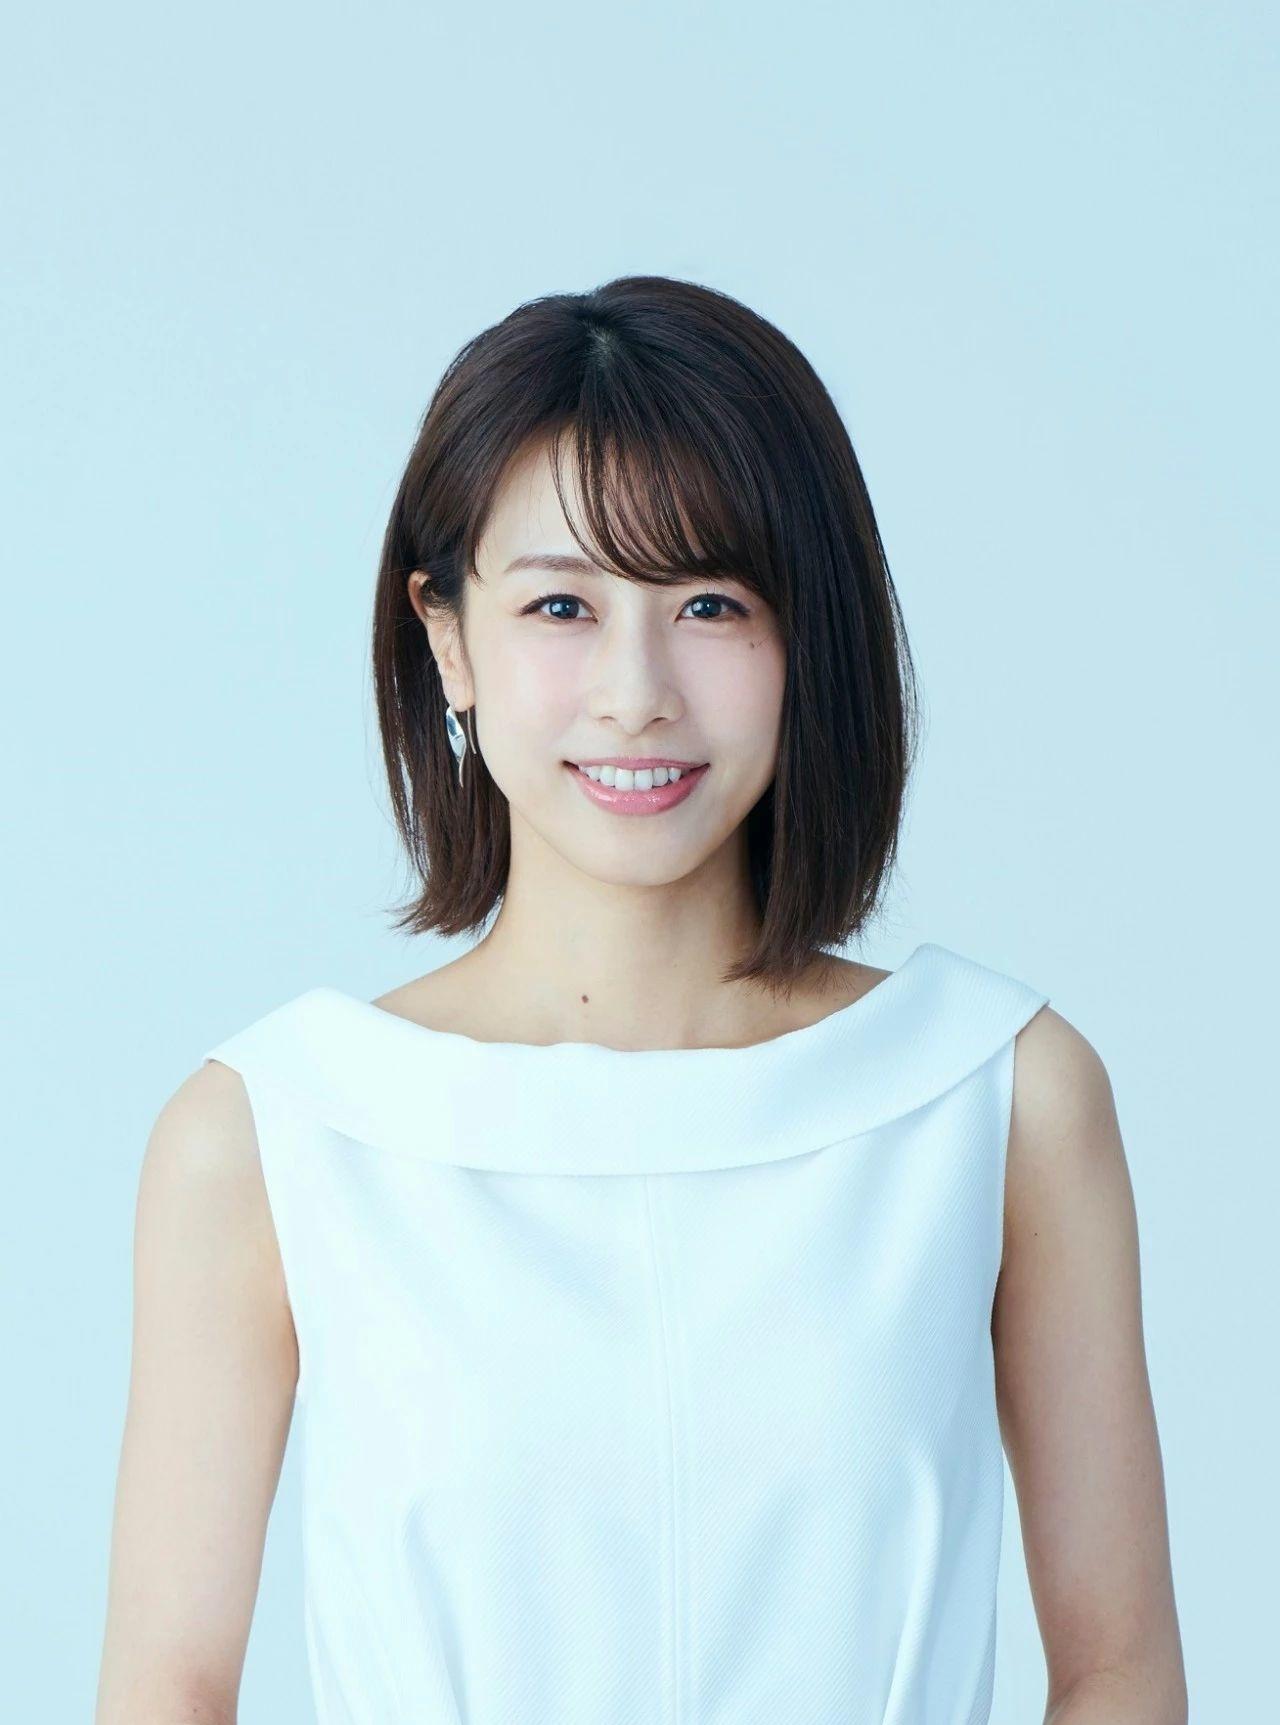 已经提交结婚申请的加藤绫子在印象中好像刚刚分手吧! (5)